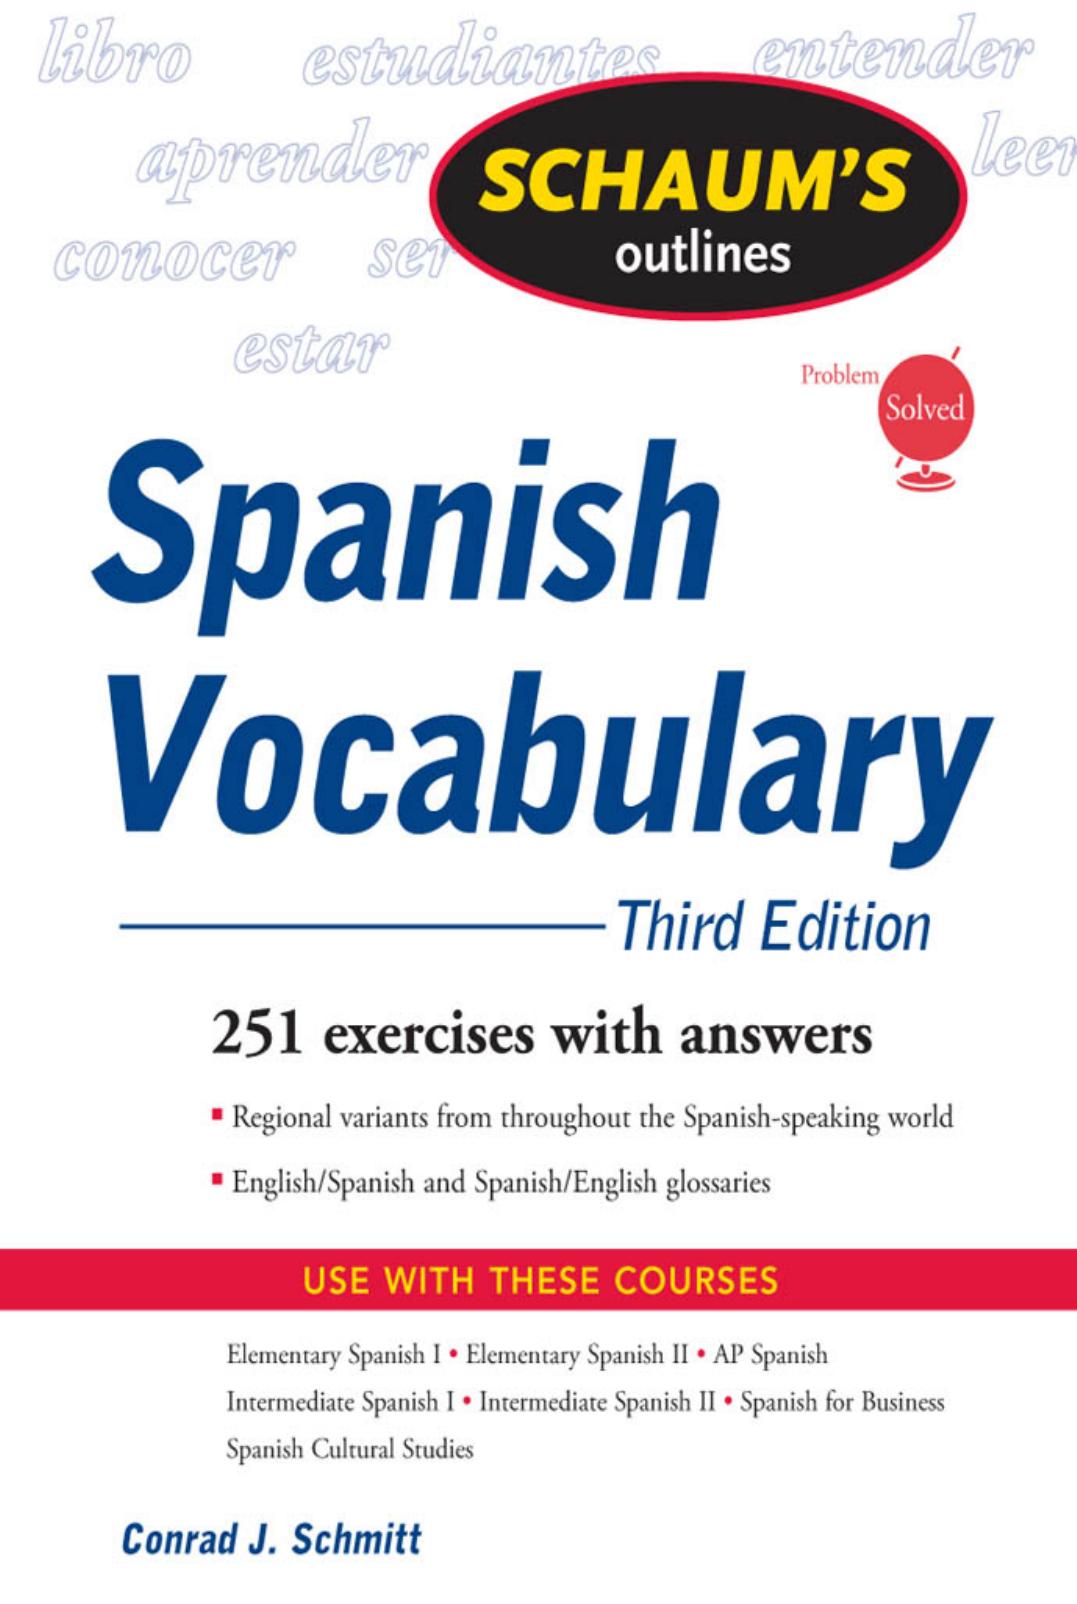 spanish-vocabulary schaum's outlines